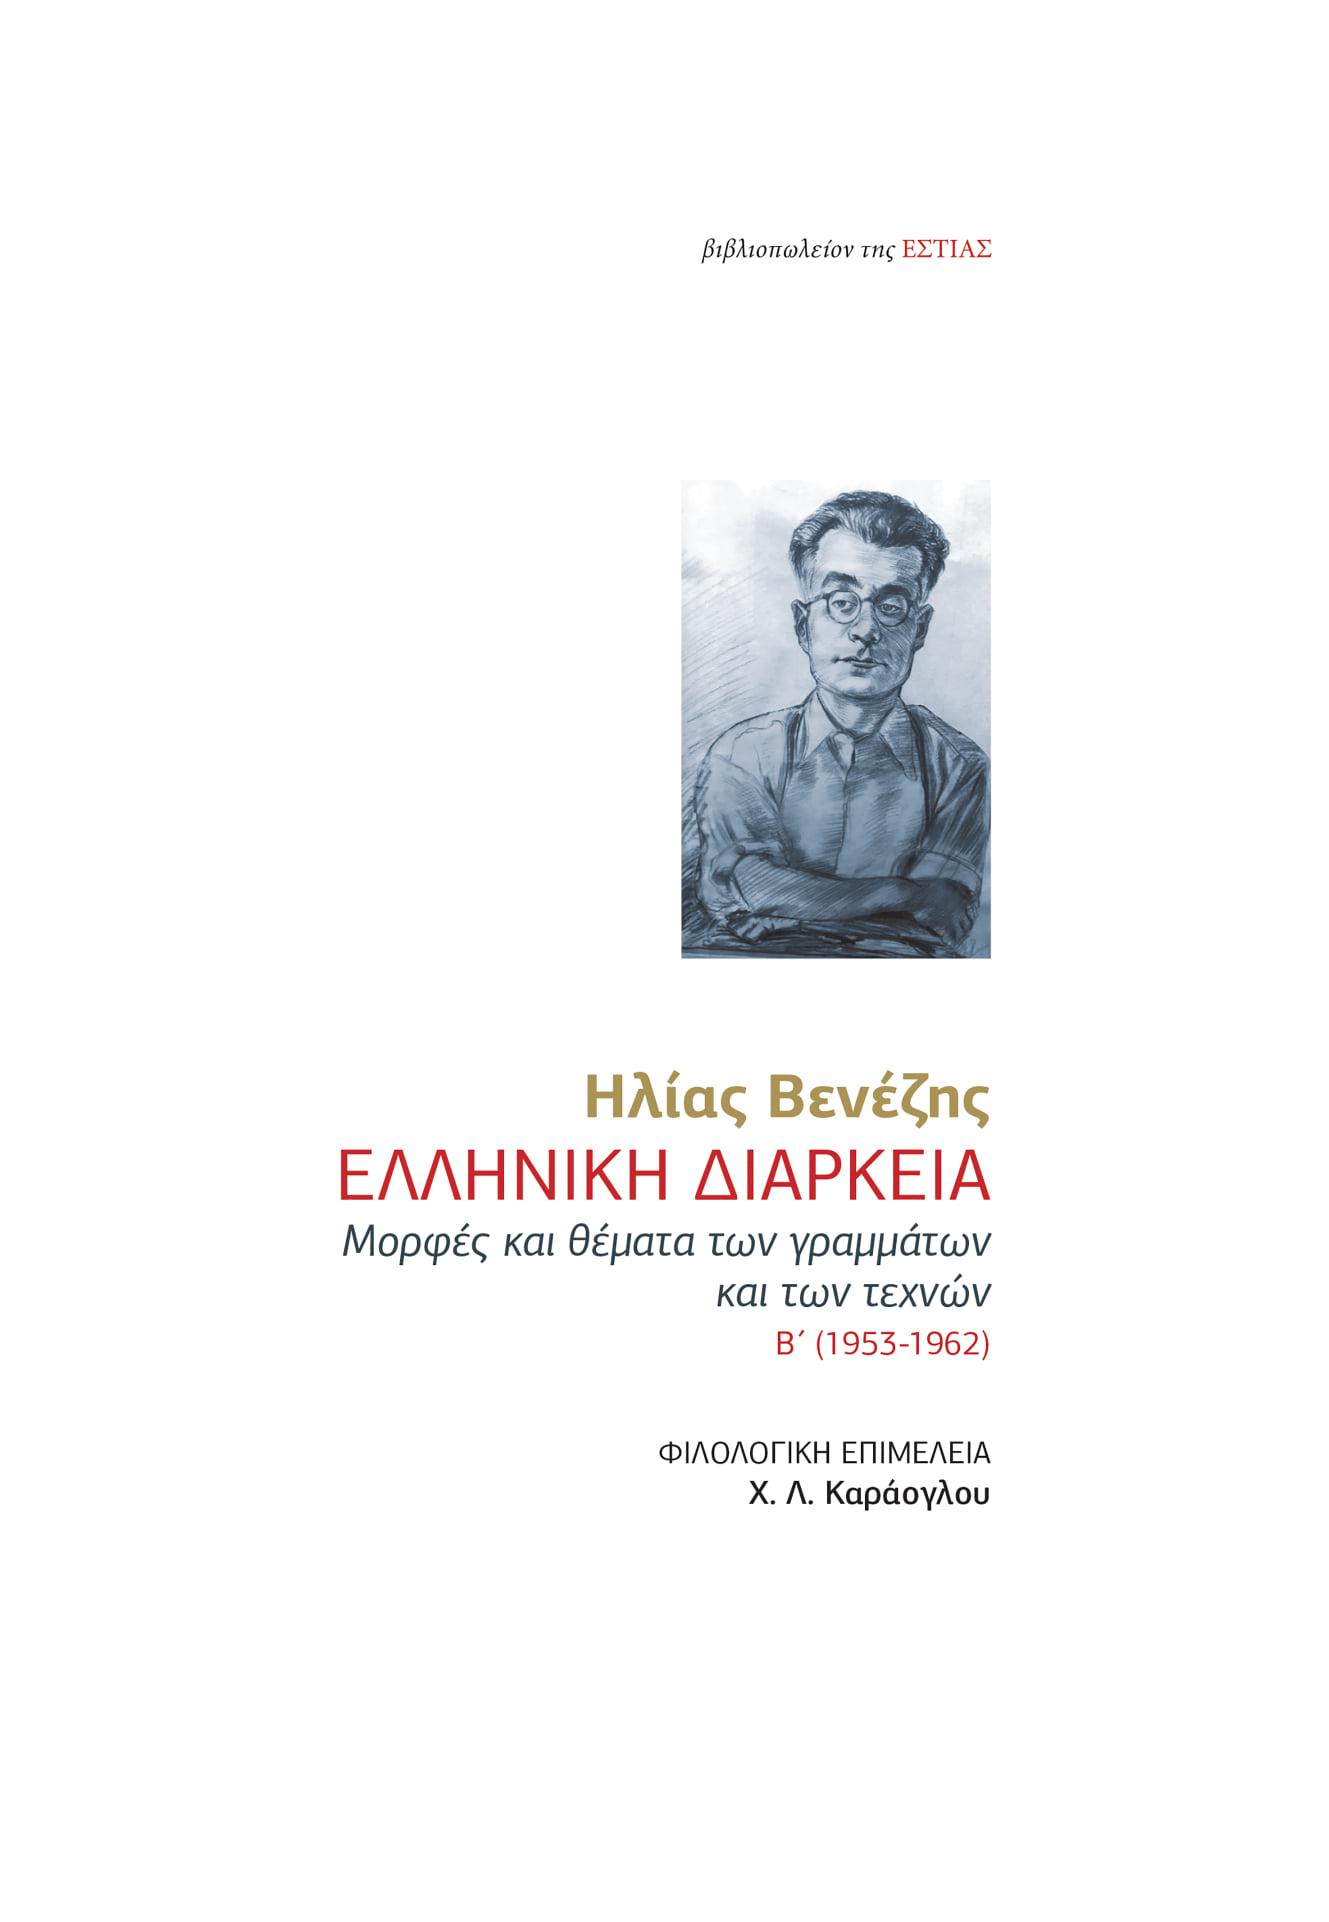 Ελληνική διάρκεια, Μορφές και θέματα των γραμμάτων και των τεχνών Β' (1953-1962), Βενέζης, Ηλίας, 1904 -1973, Βιβλιοπωλείον της Εστίας, 2021